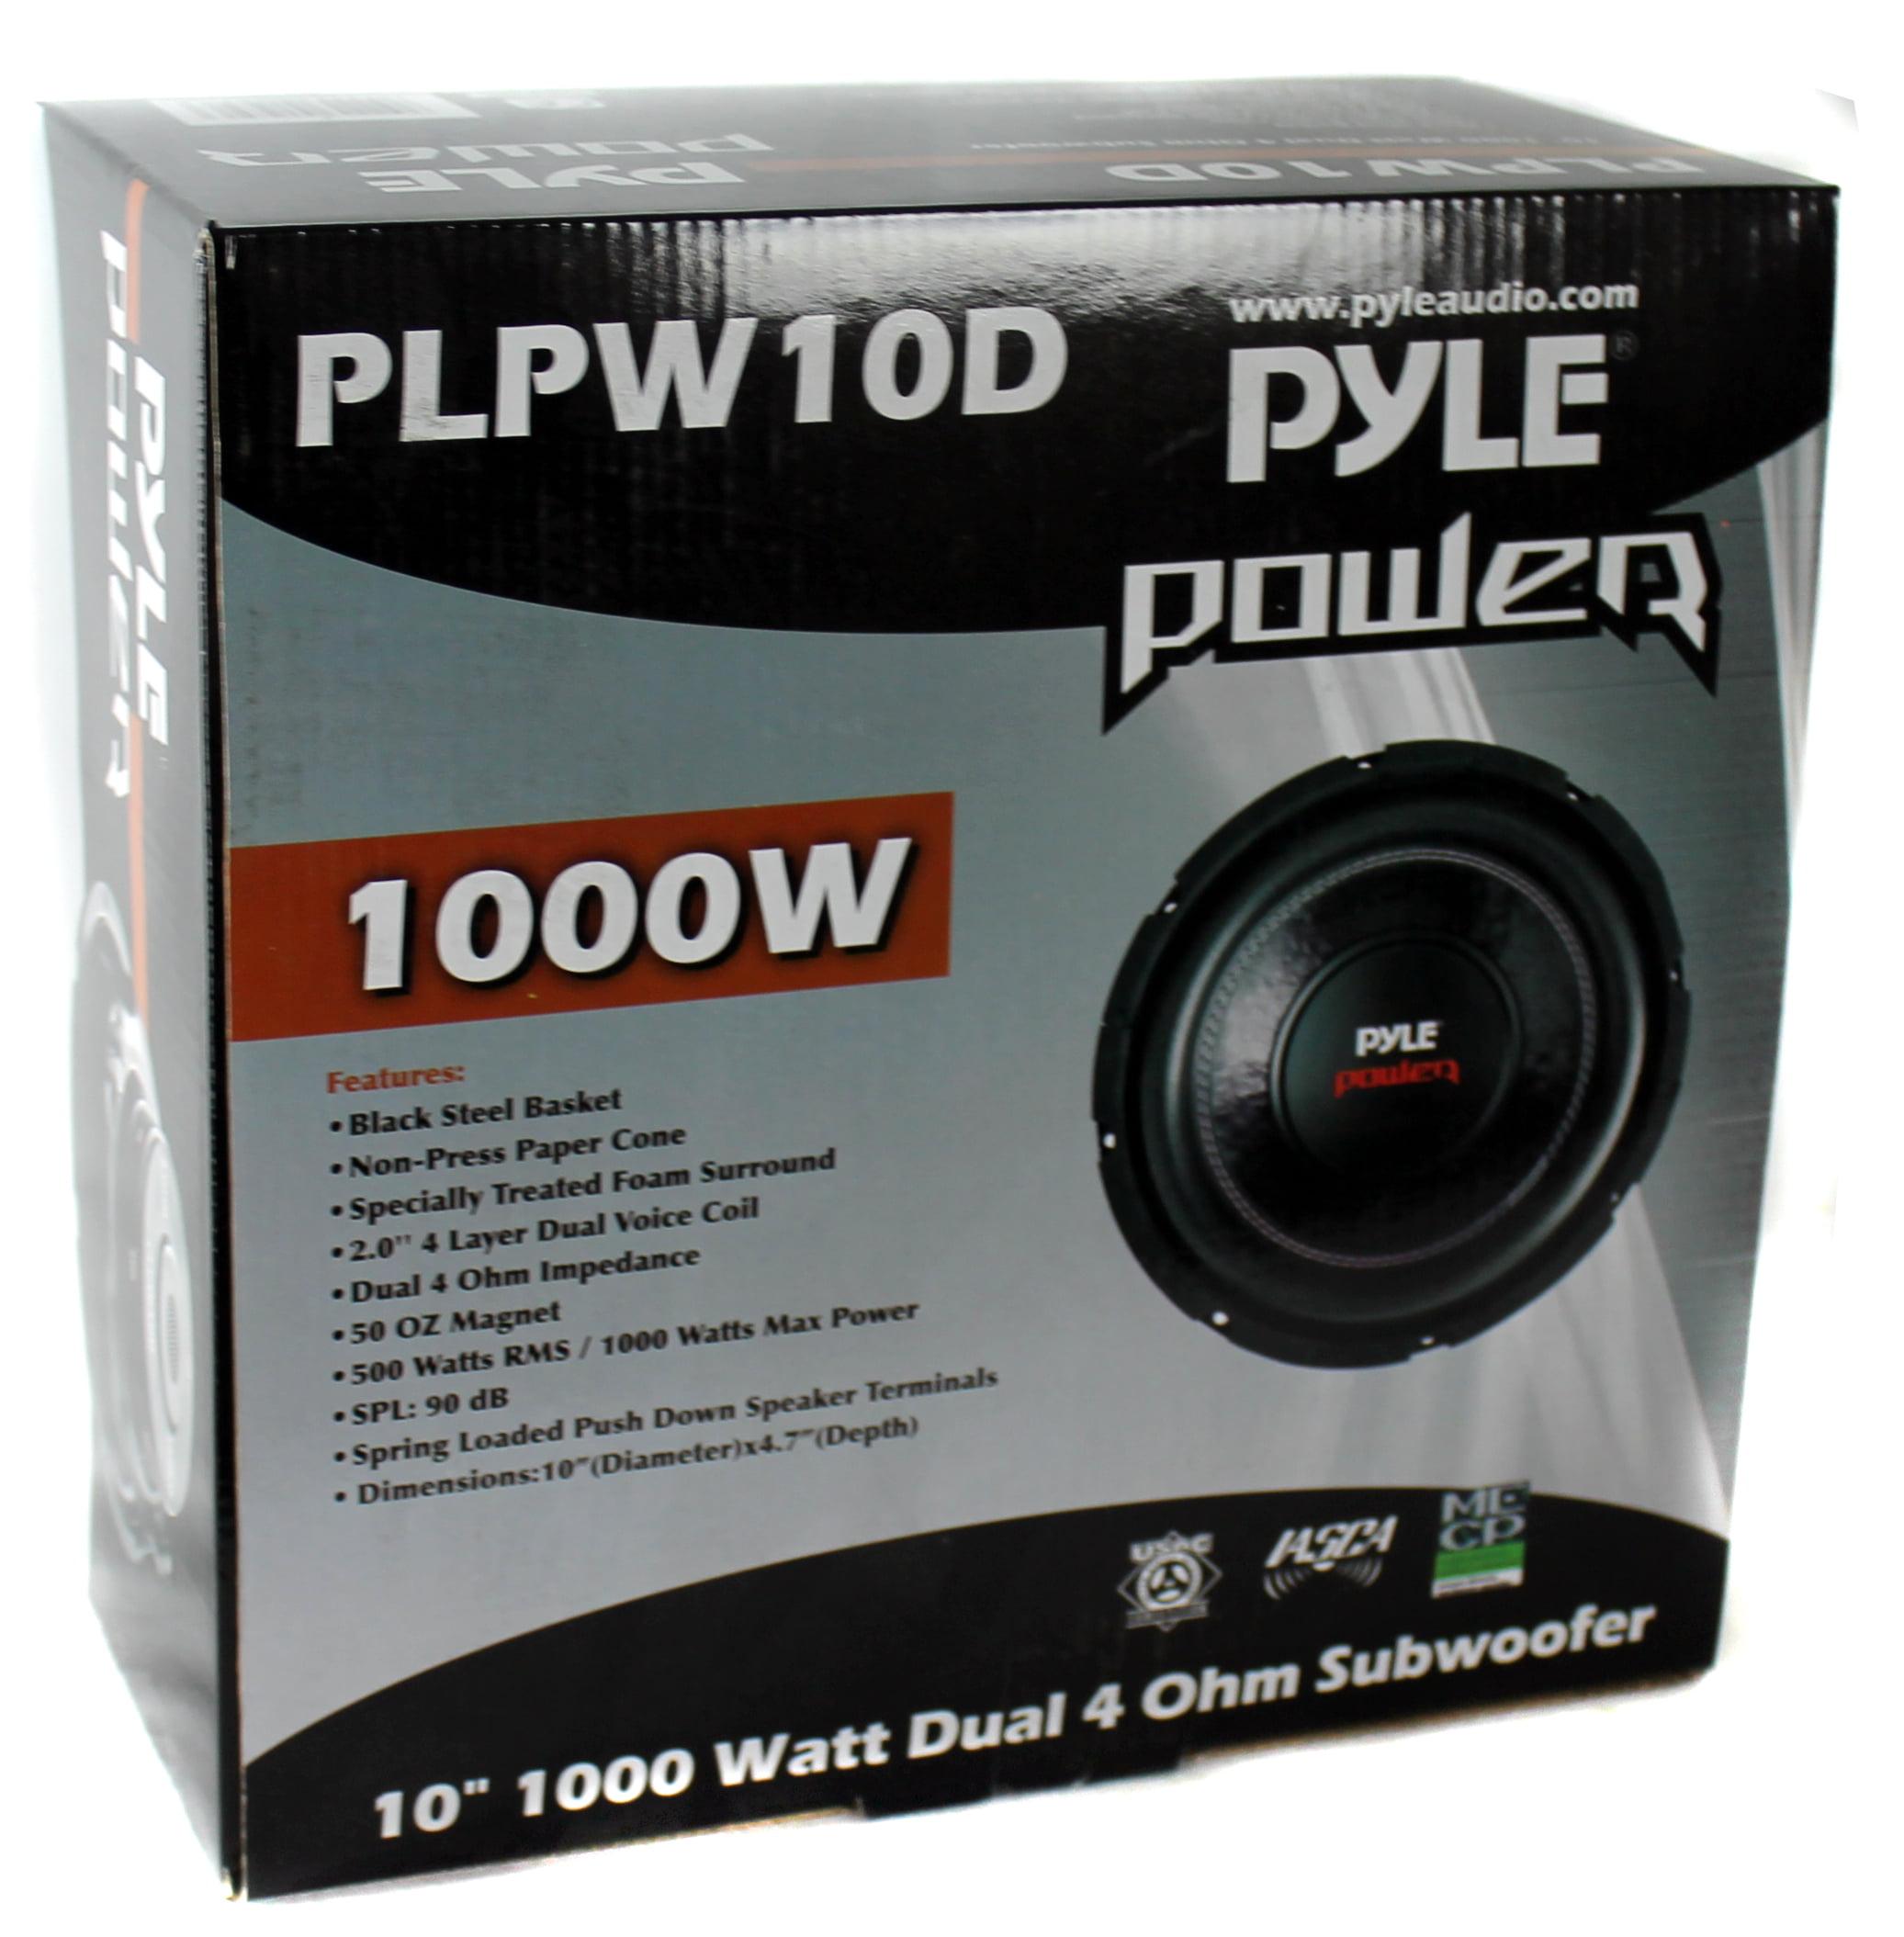 PYLE PLPW10D - 10